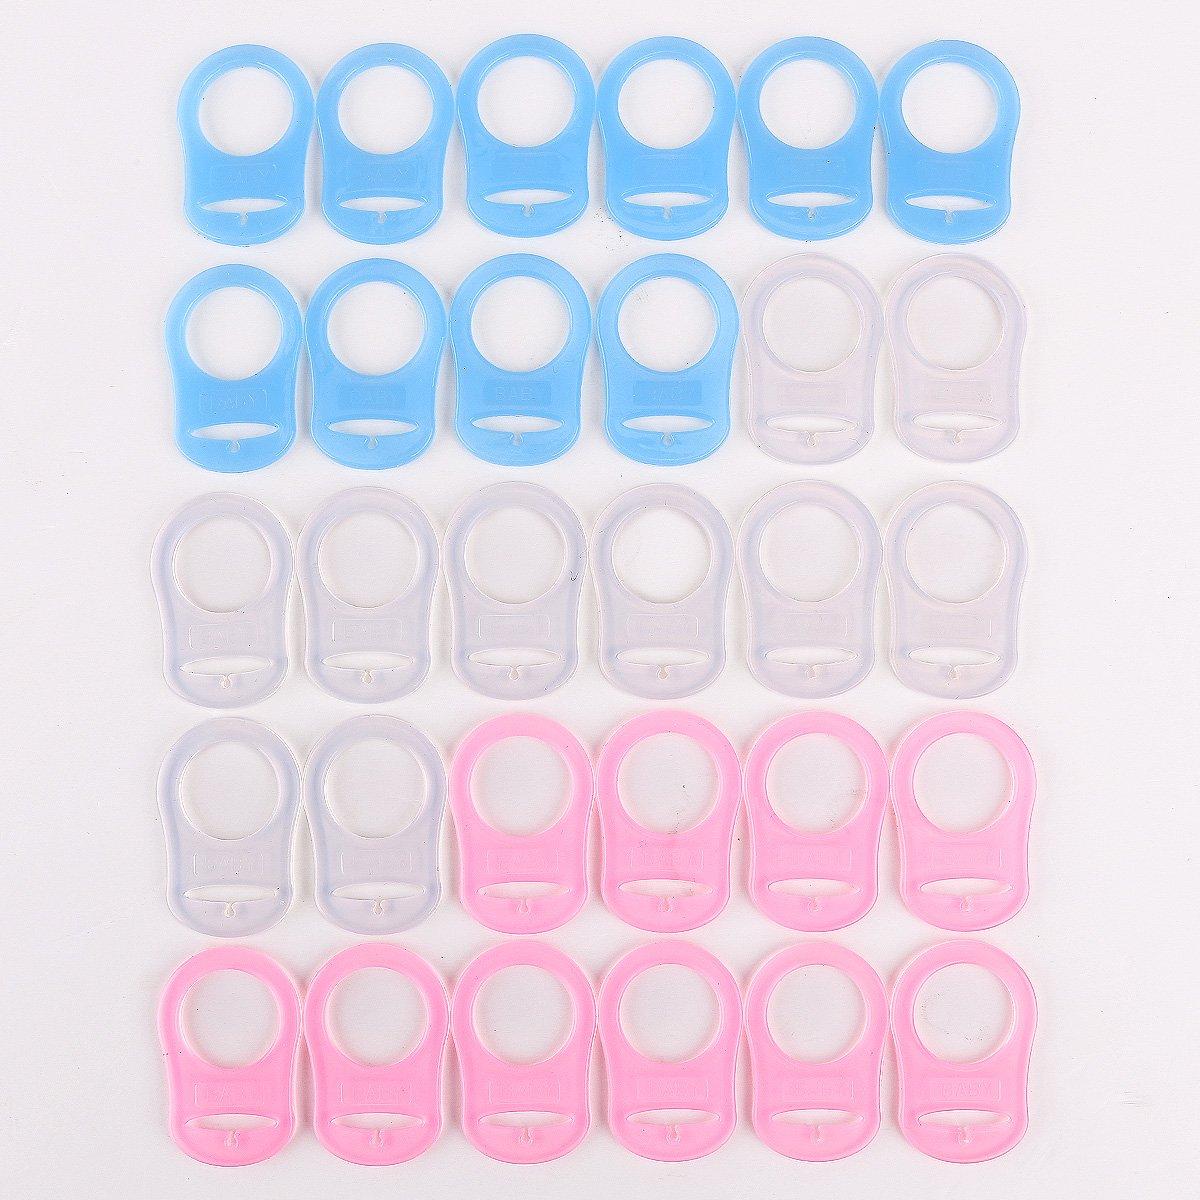 30pcs Annueau de sucette t/étine silicone tranparent blanc bleu rose